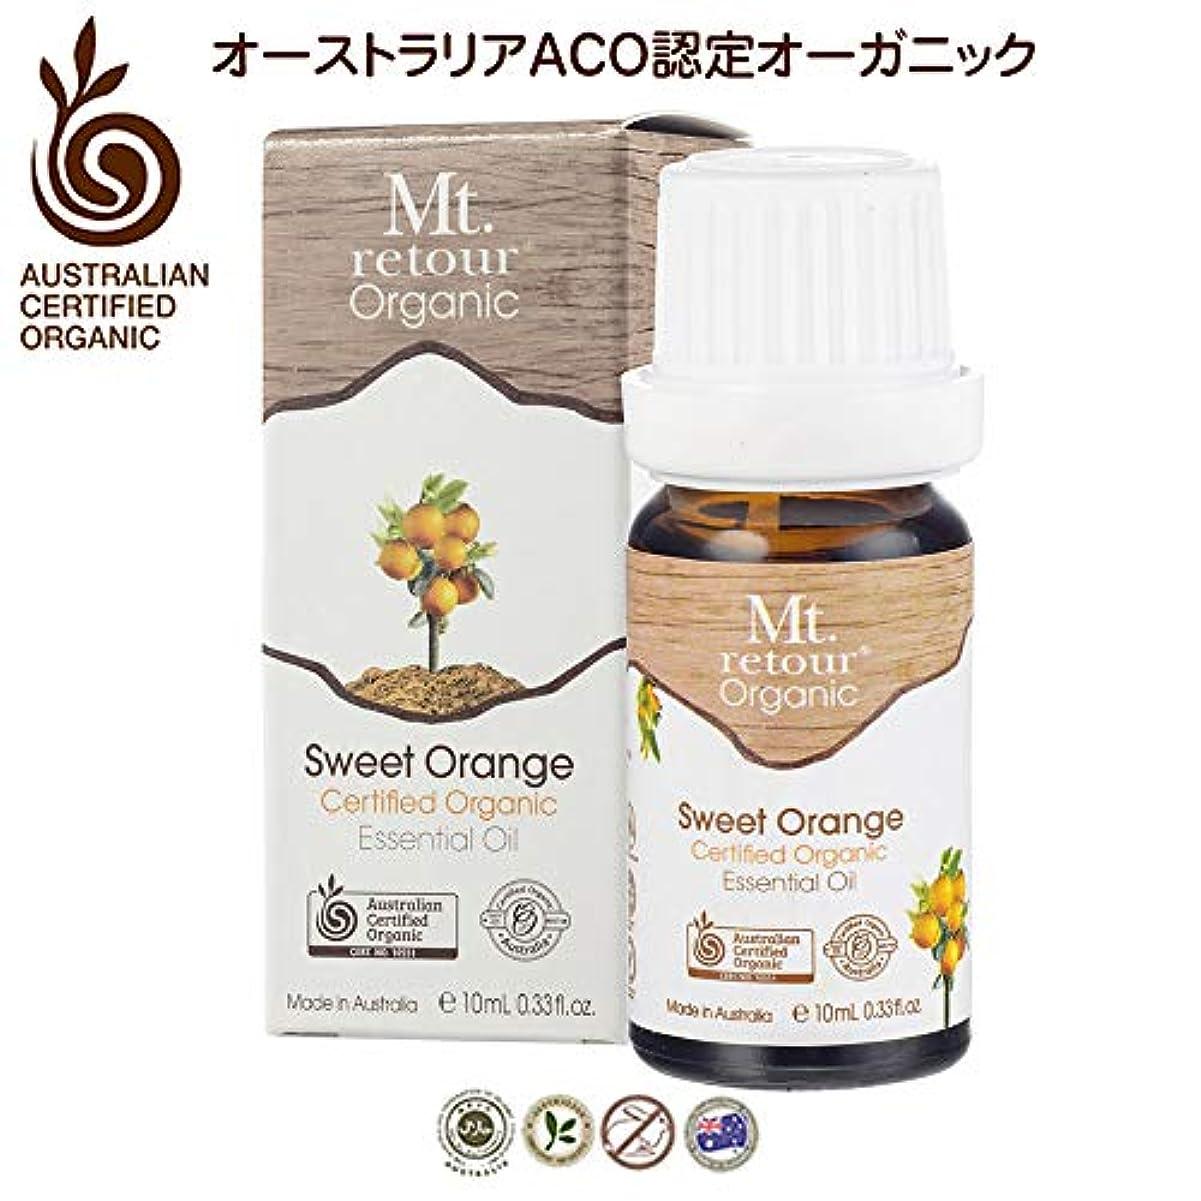 他のバンドでペグ究極のMt. retour ACO認定オーガニック オレンジスイート 10ml エッセンシャルオイル(無農薬有機)アロマ